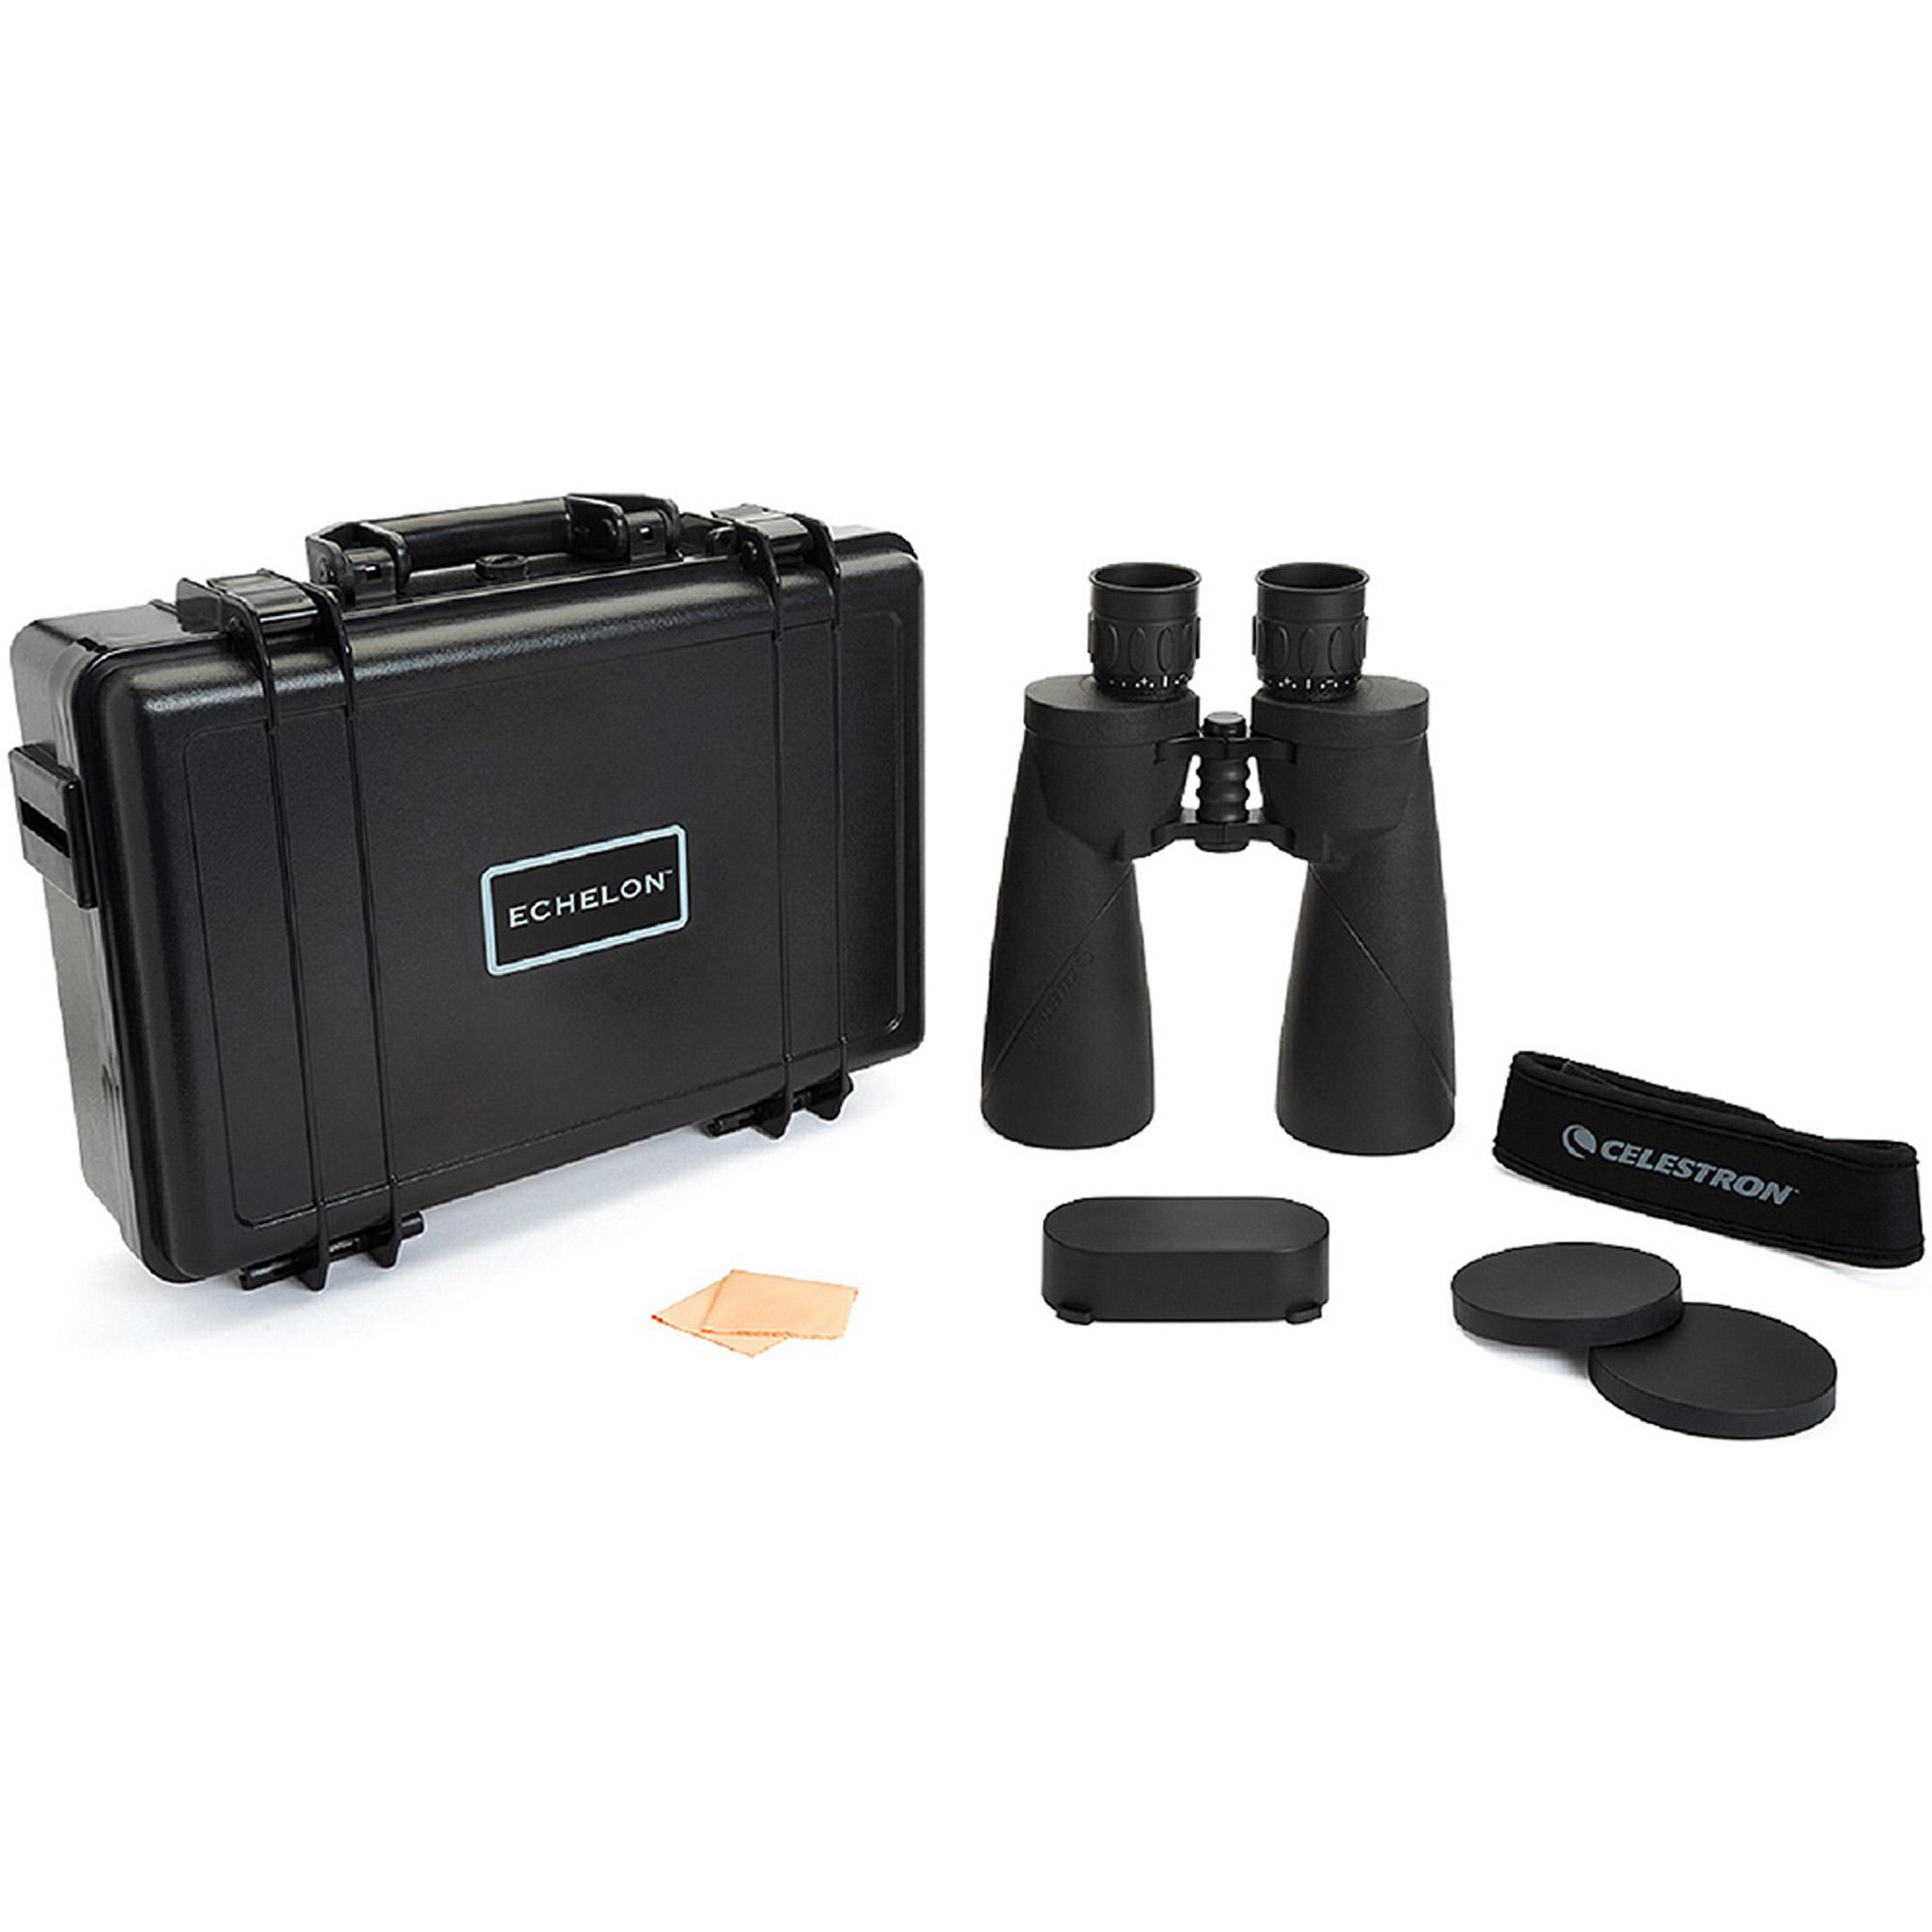 Celestron Echelon 20x70 Binoculars